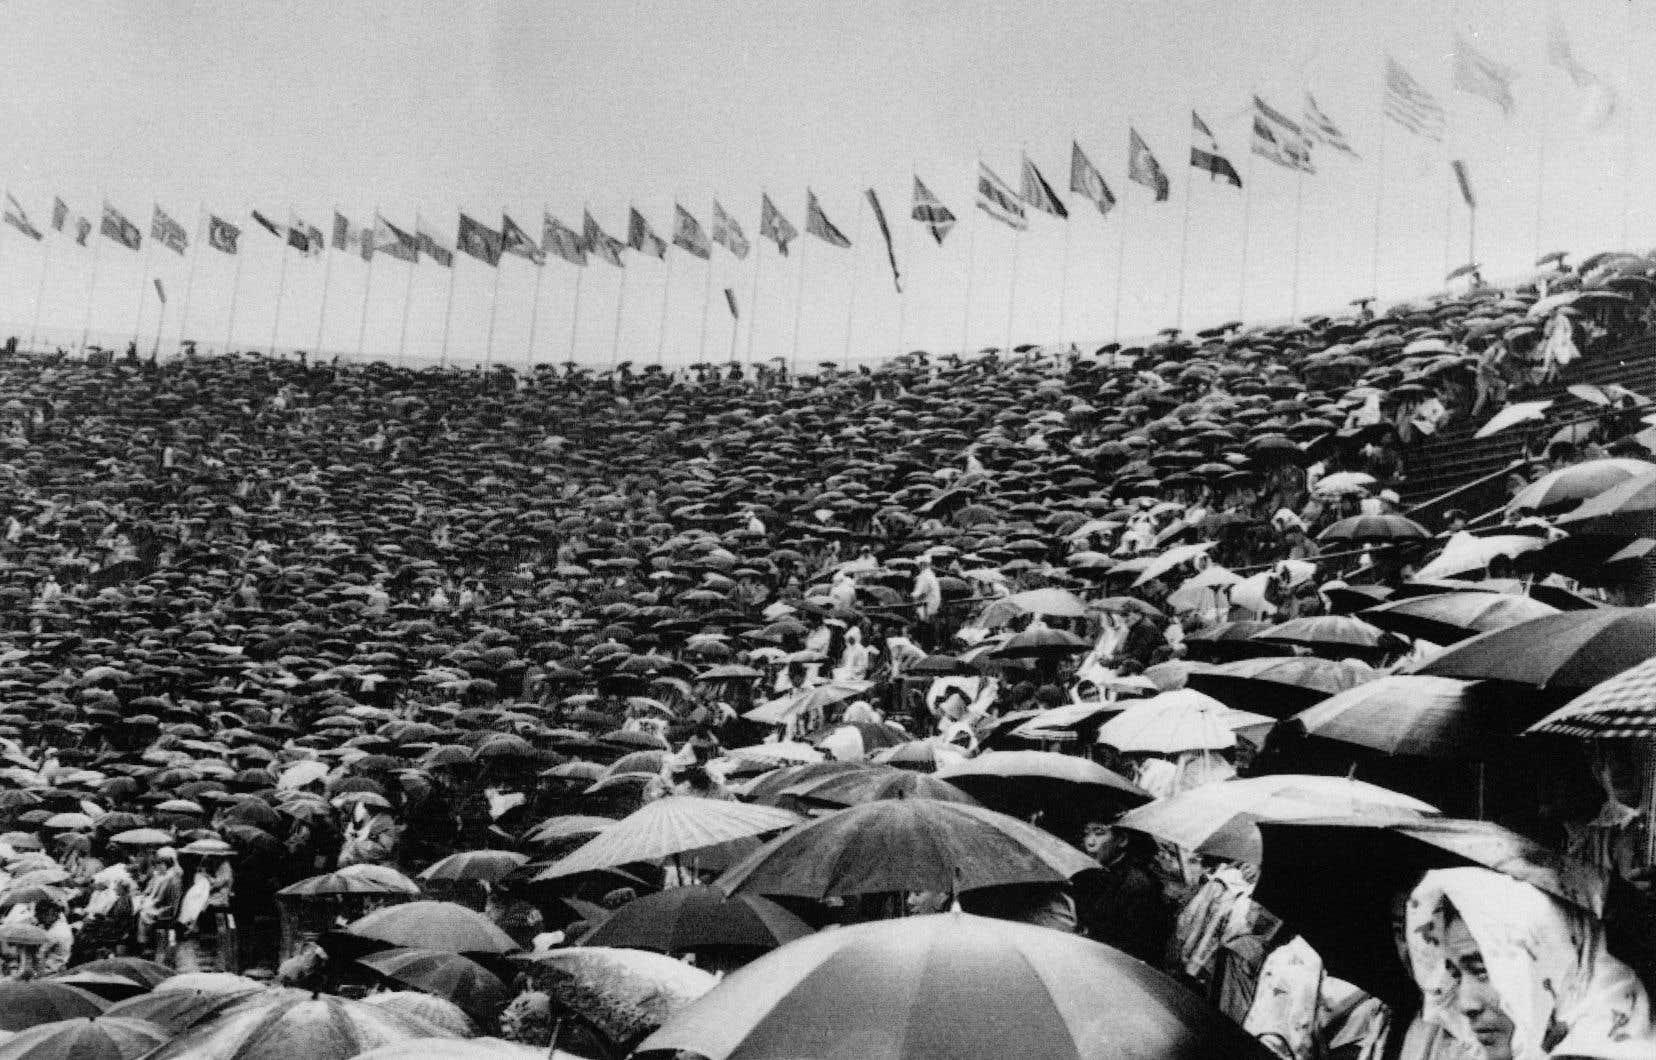 Des spectateurs massés dans l'ancien Stade olympique national, à Tokyo, le 14 octobre 1964, sous une forte pluie